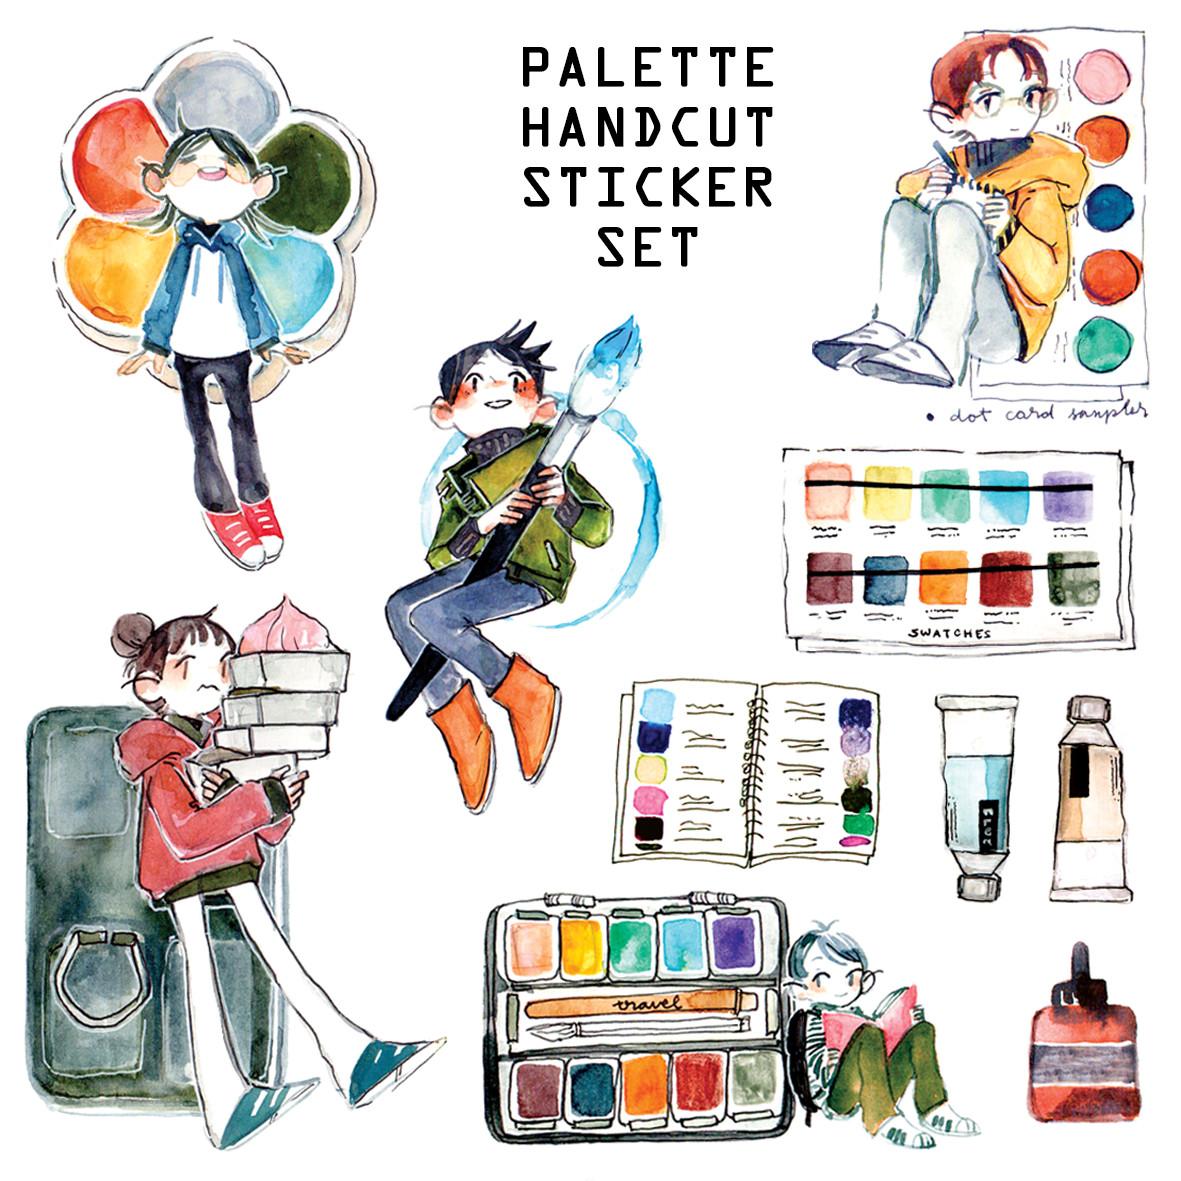 Palette Handcut Sticker Set